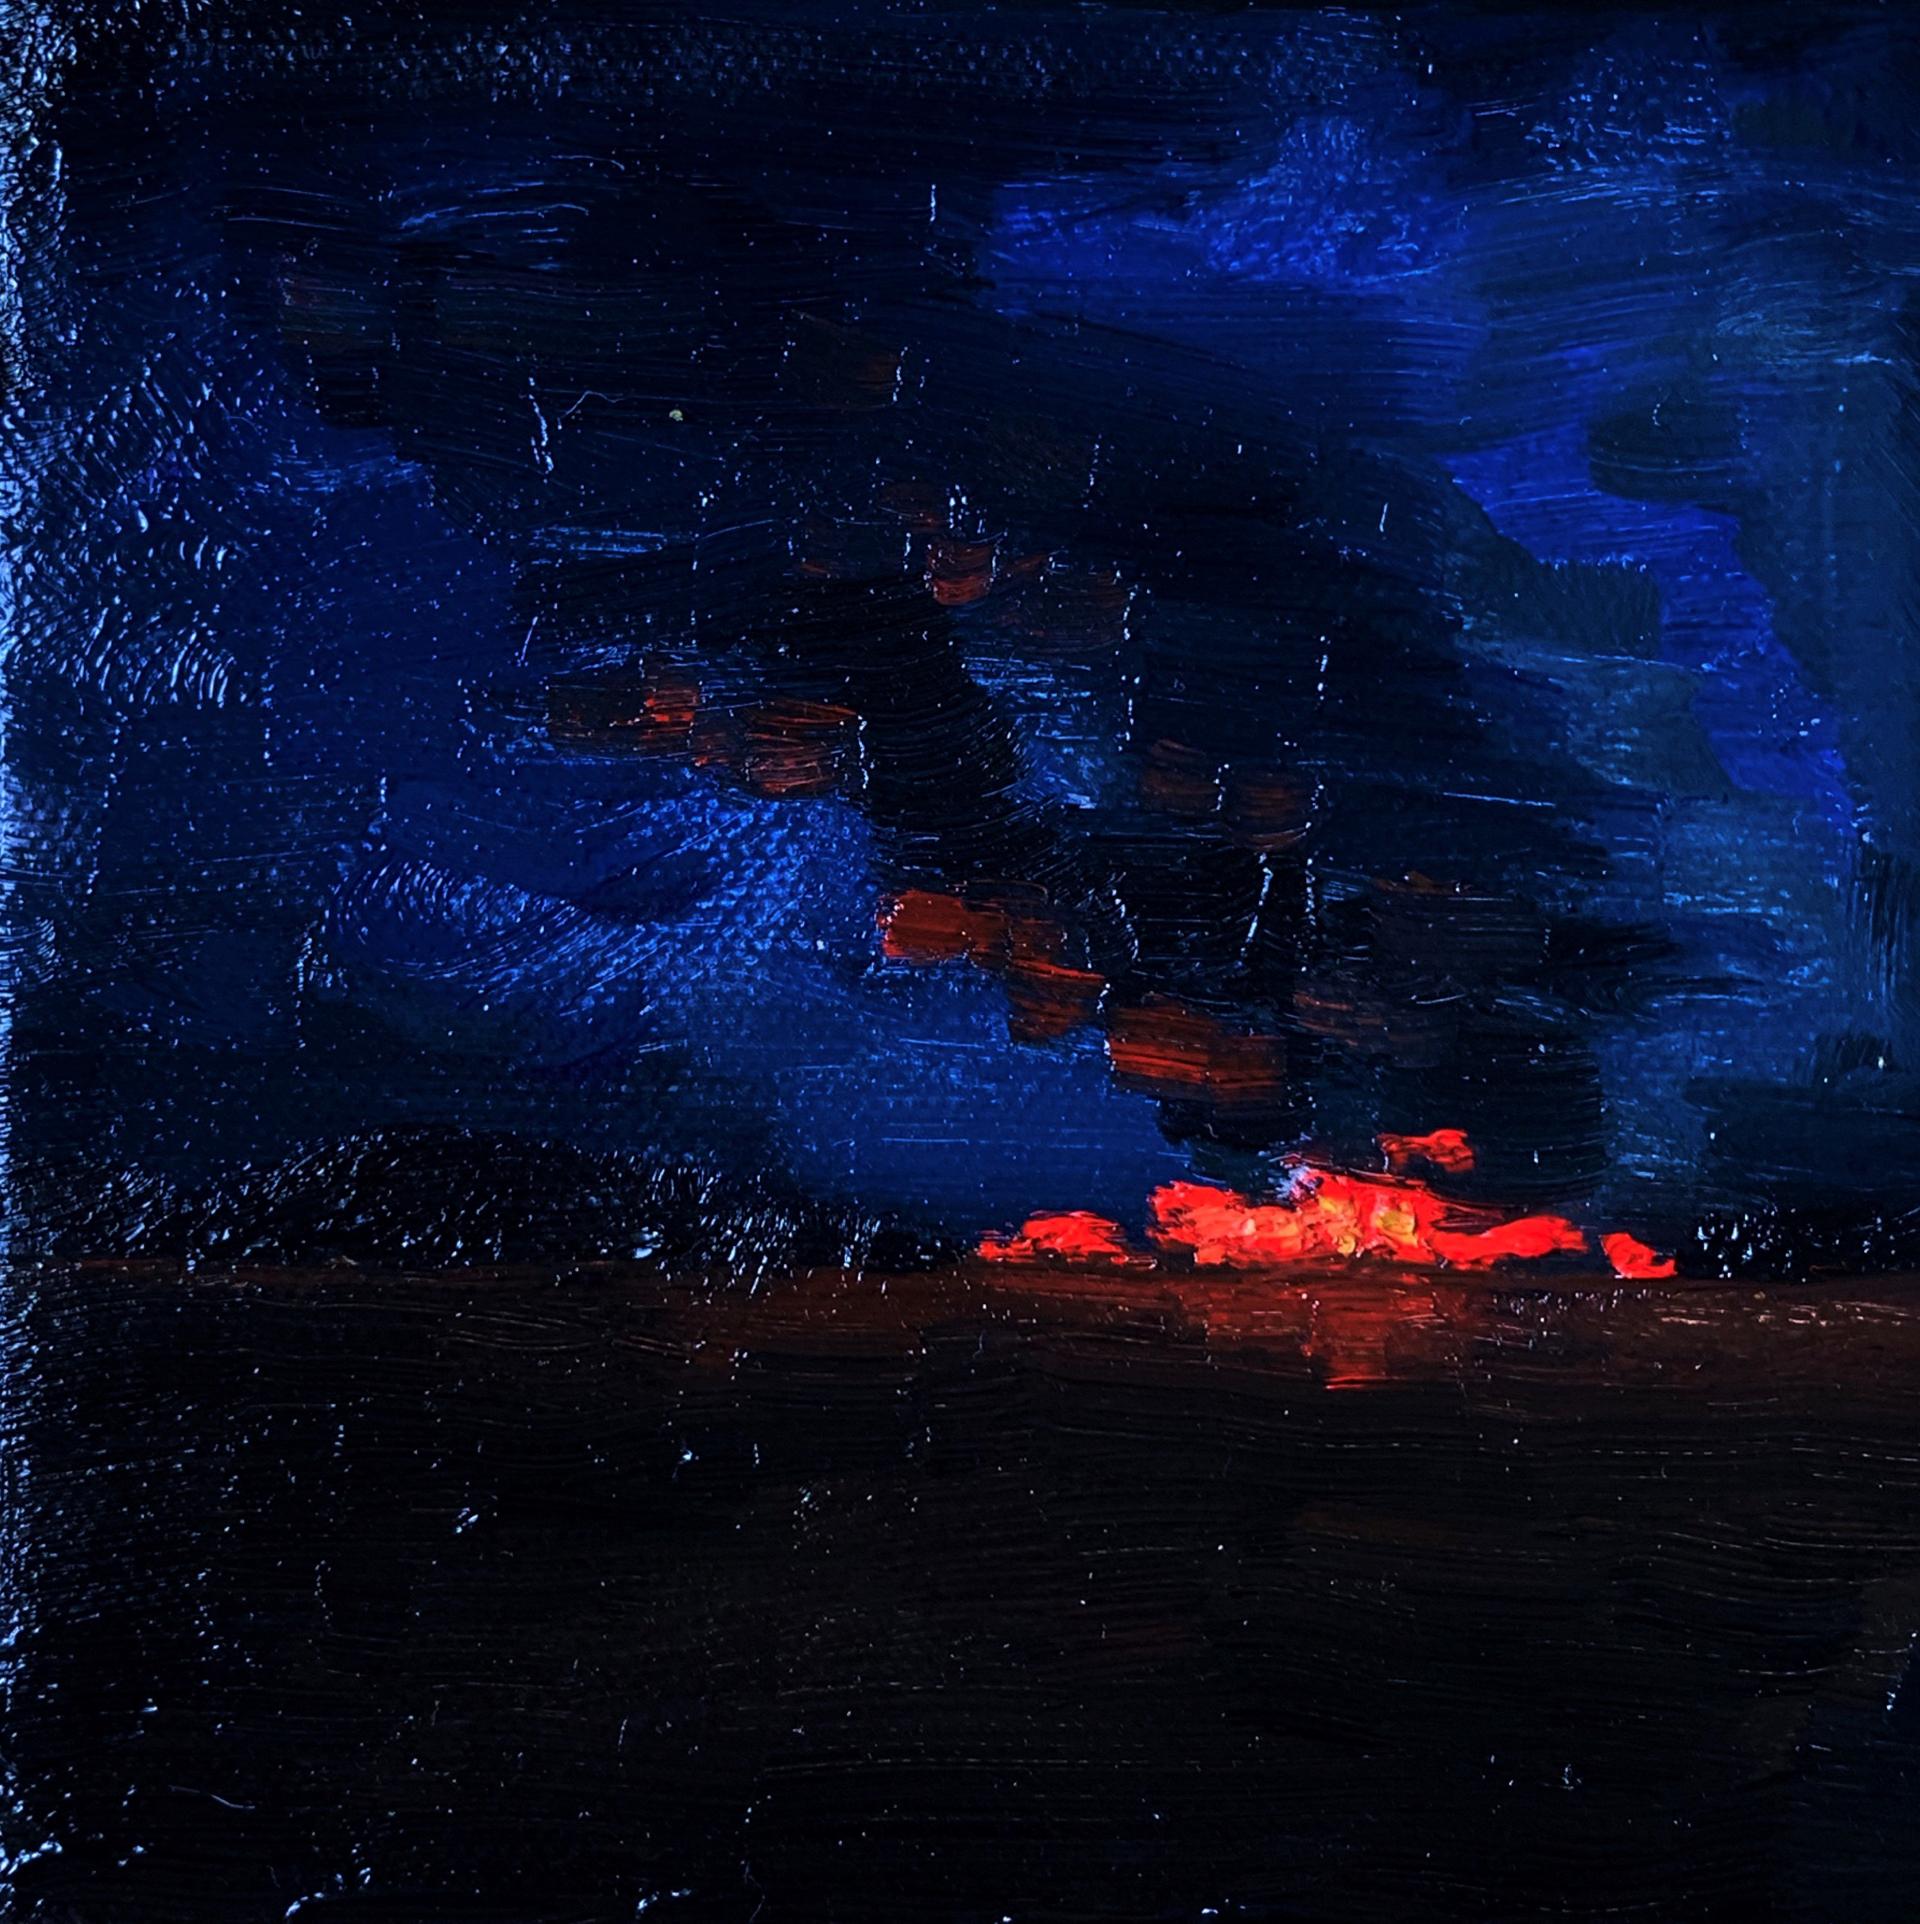 Burning 2 by Daliah Ammar